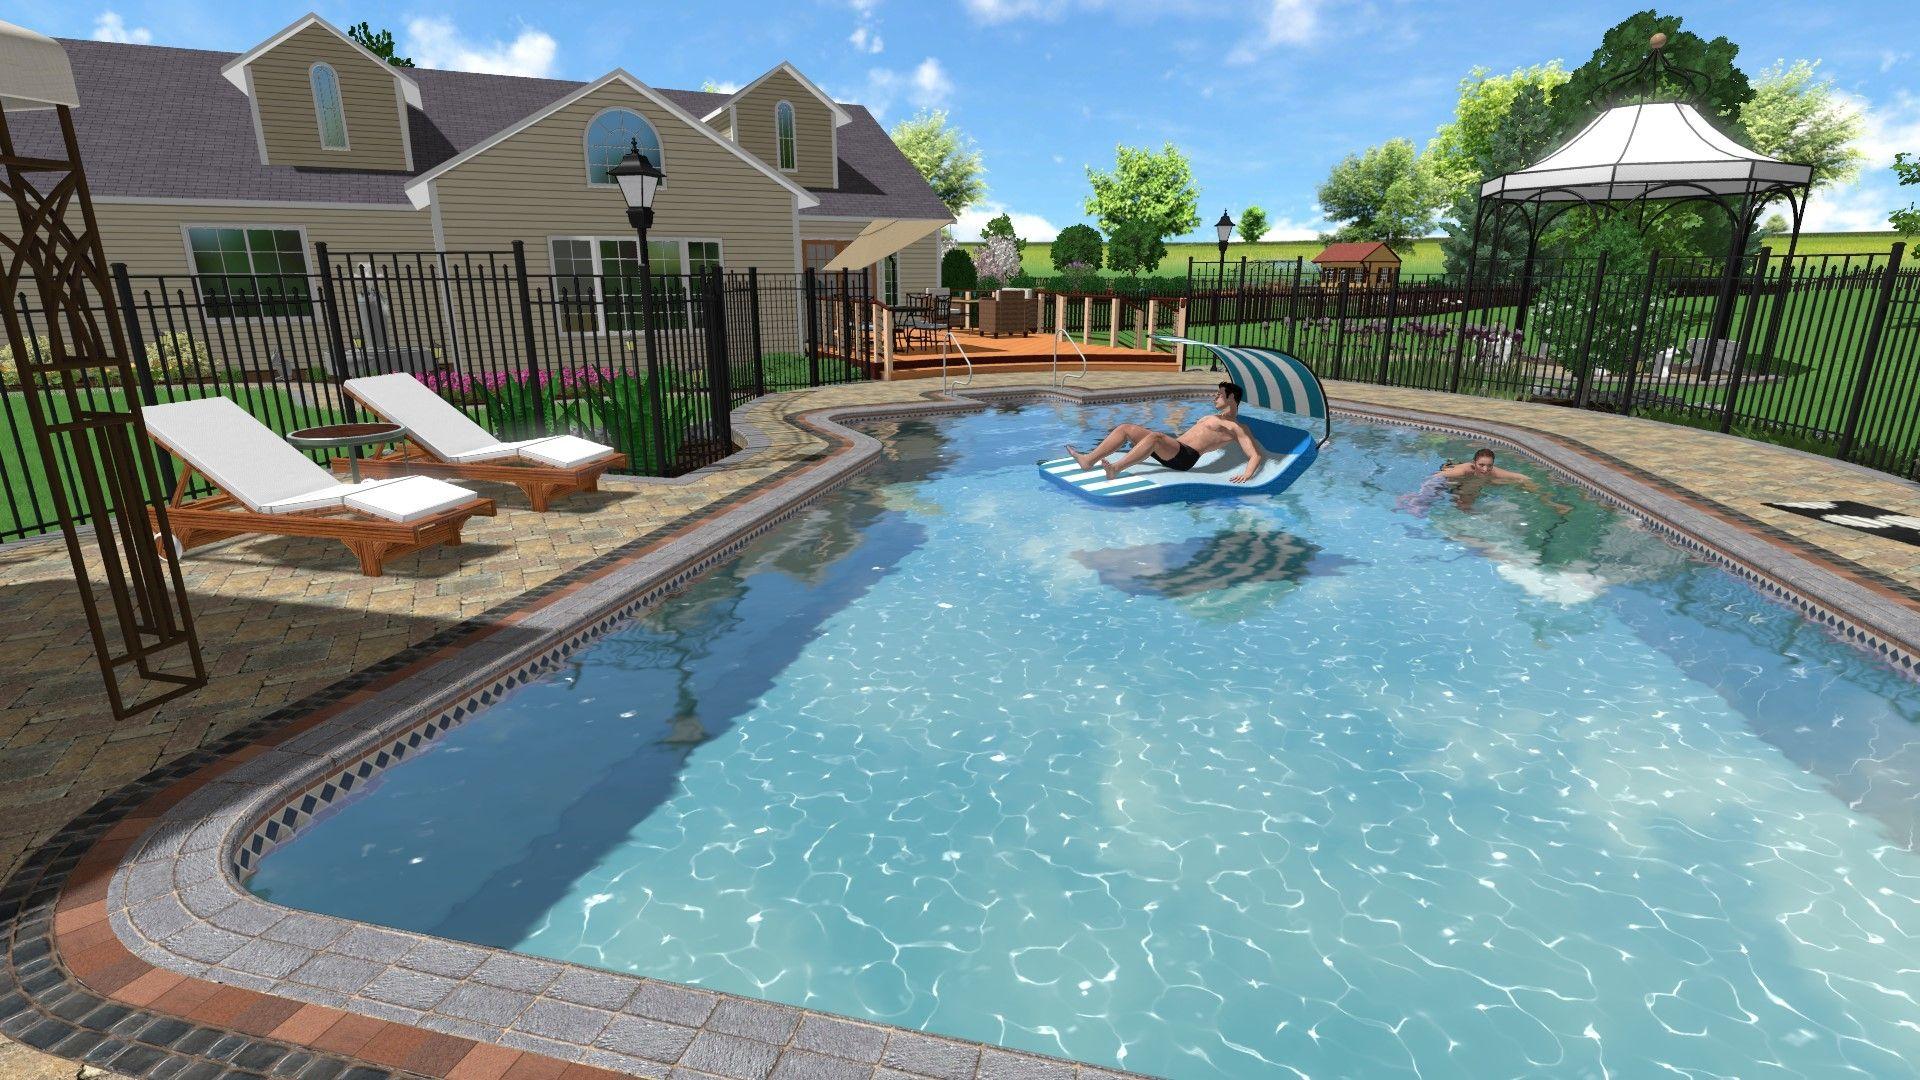 Pool Shapes Carlton Pools Pool Shapes Pool Dream Backyard